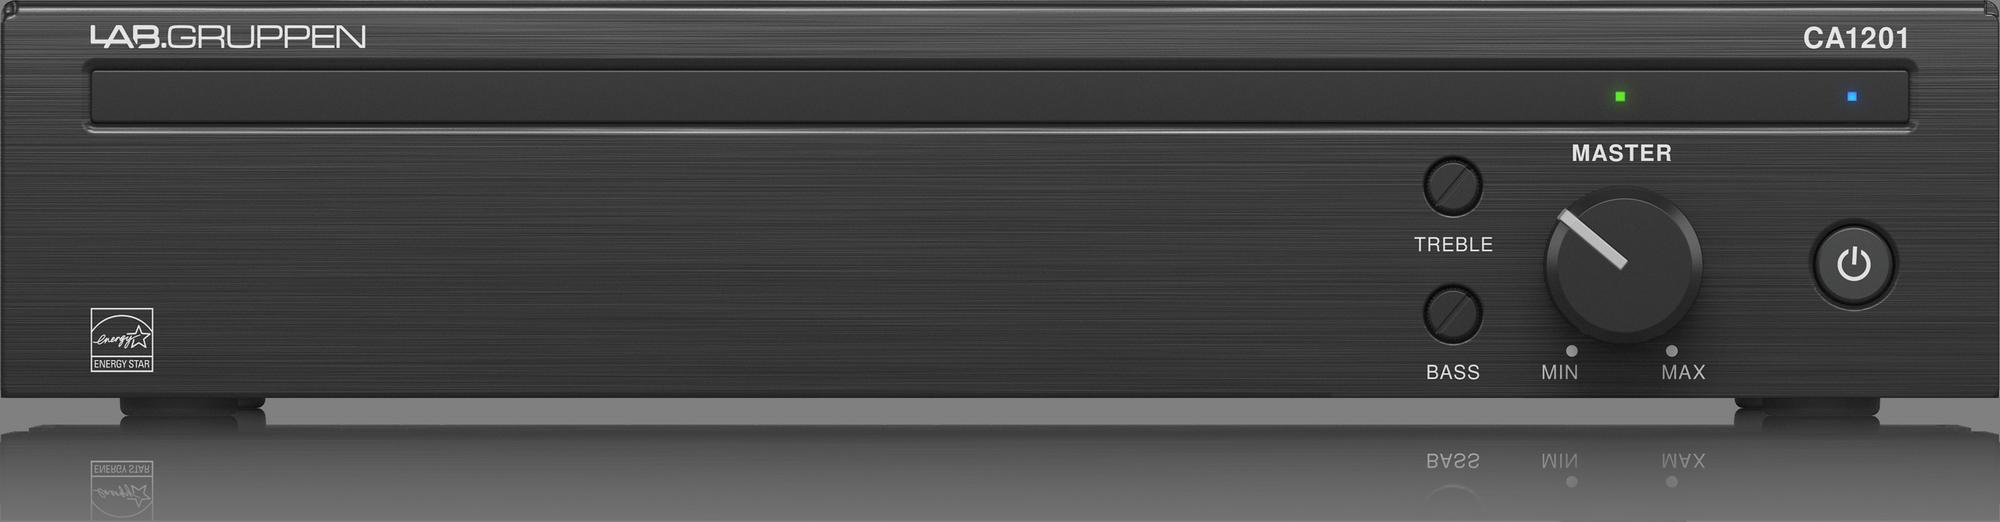 Lab Gruppen CA1201 - Amplificateur de puissance